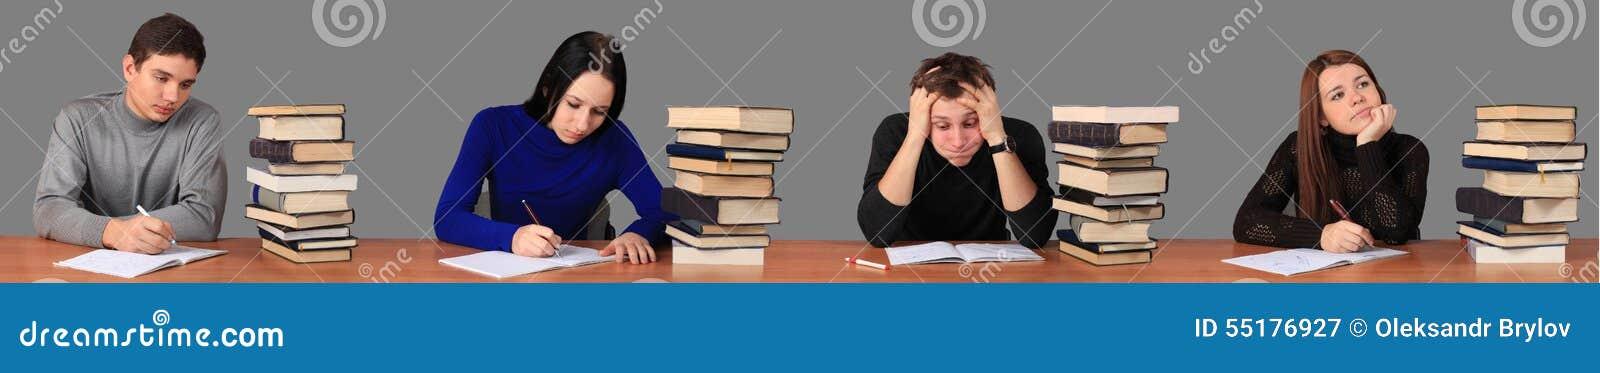 研究任务的学生